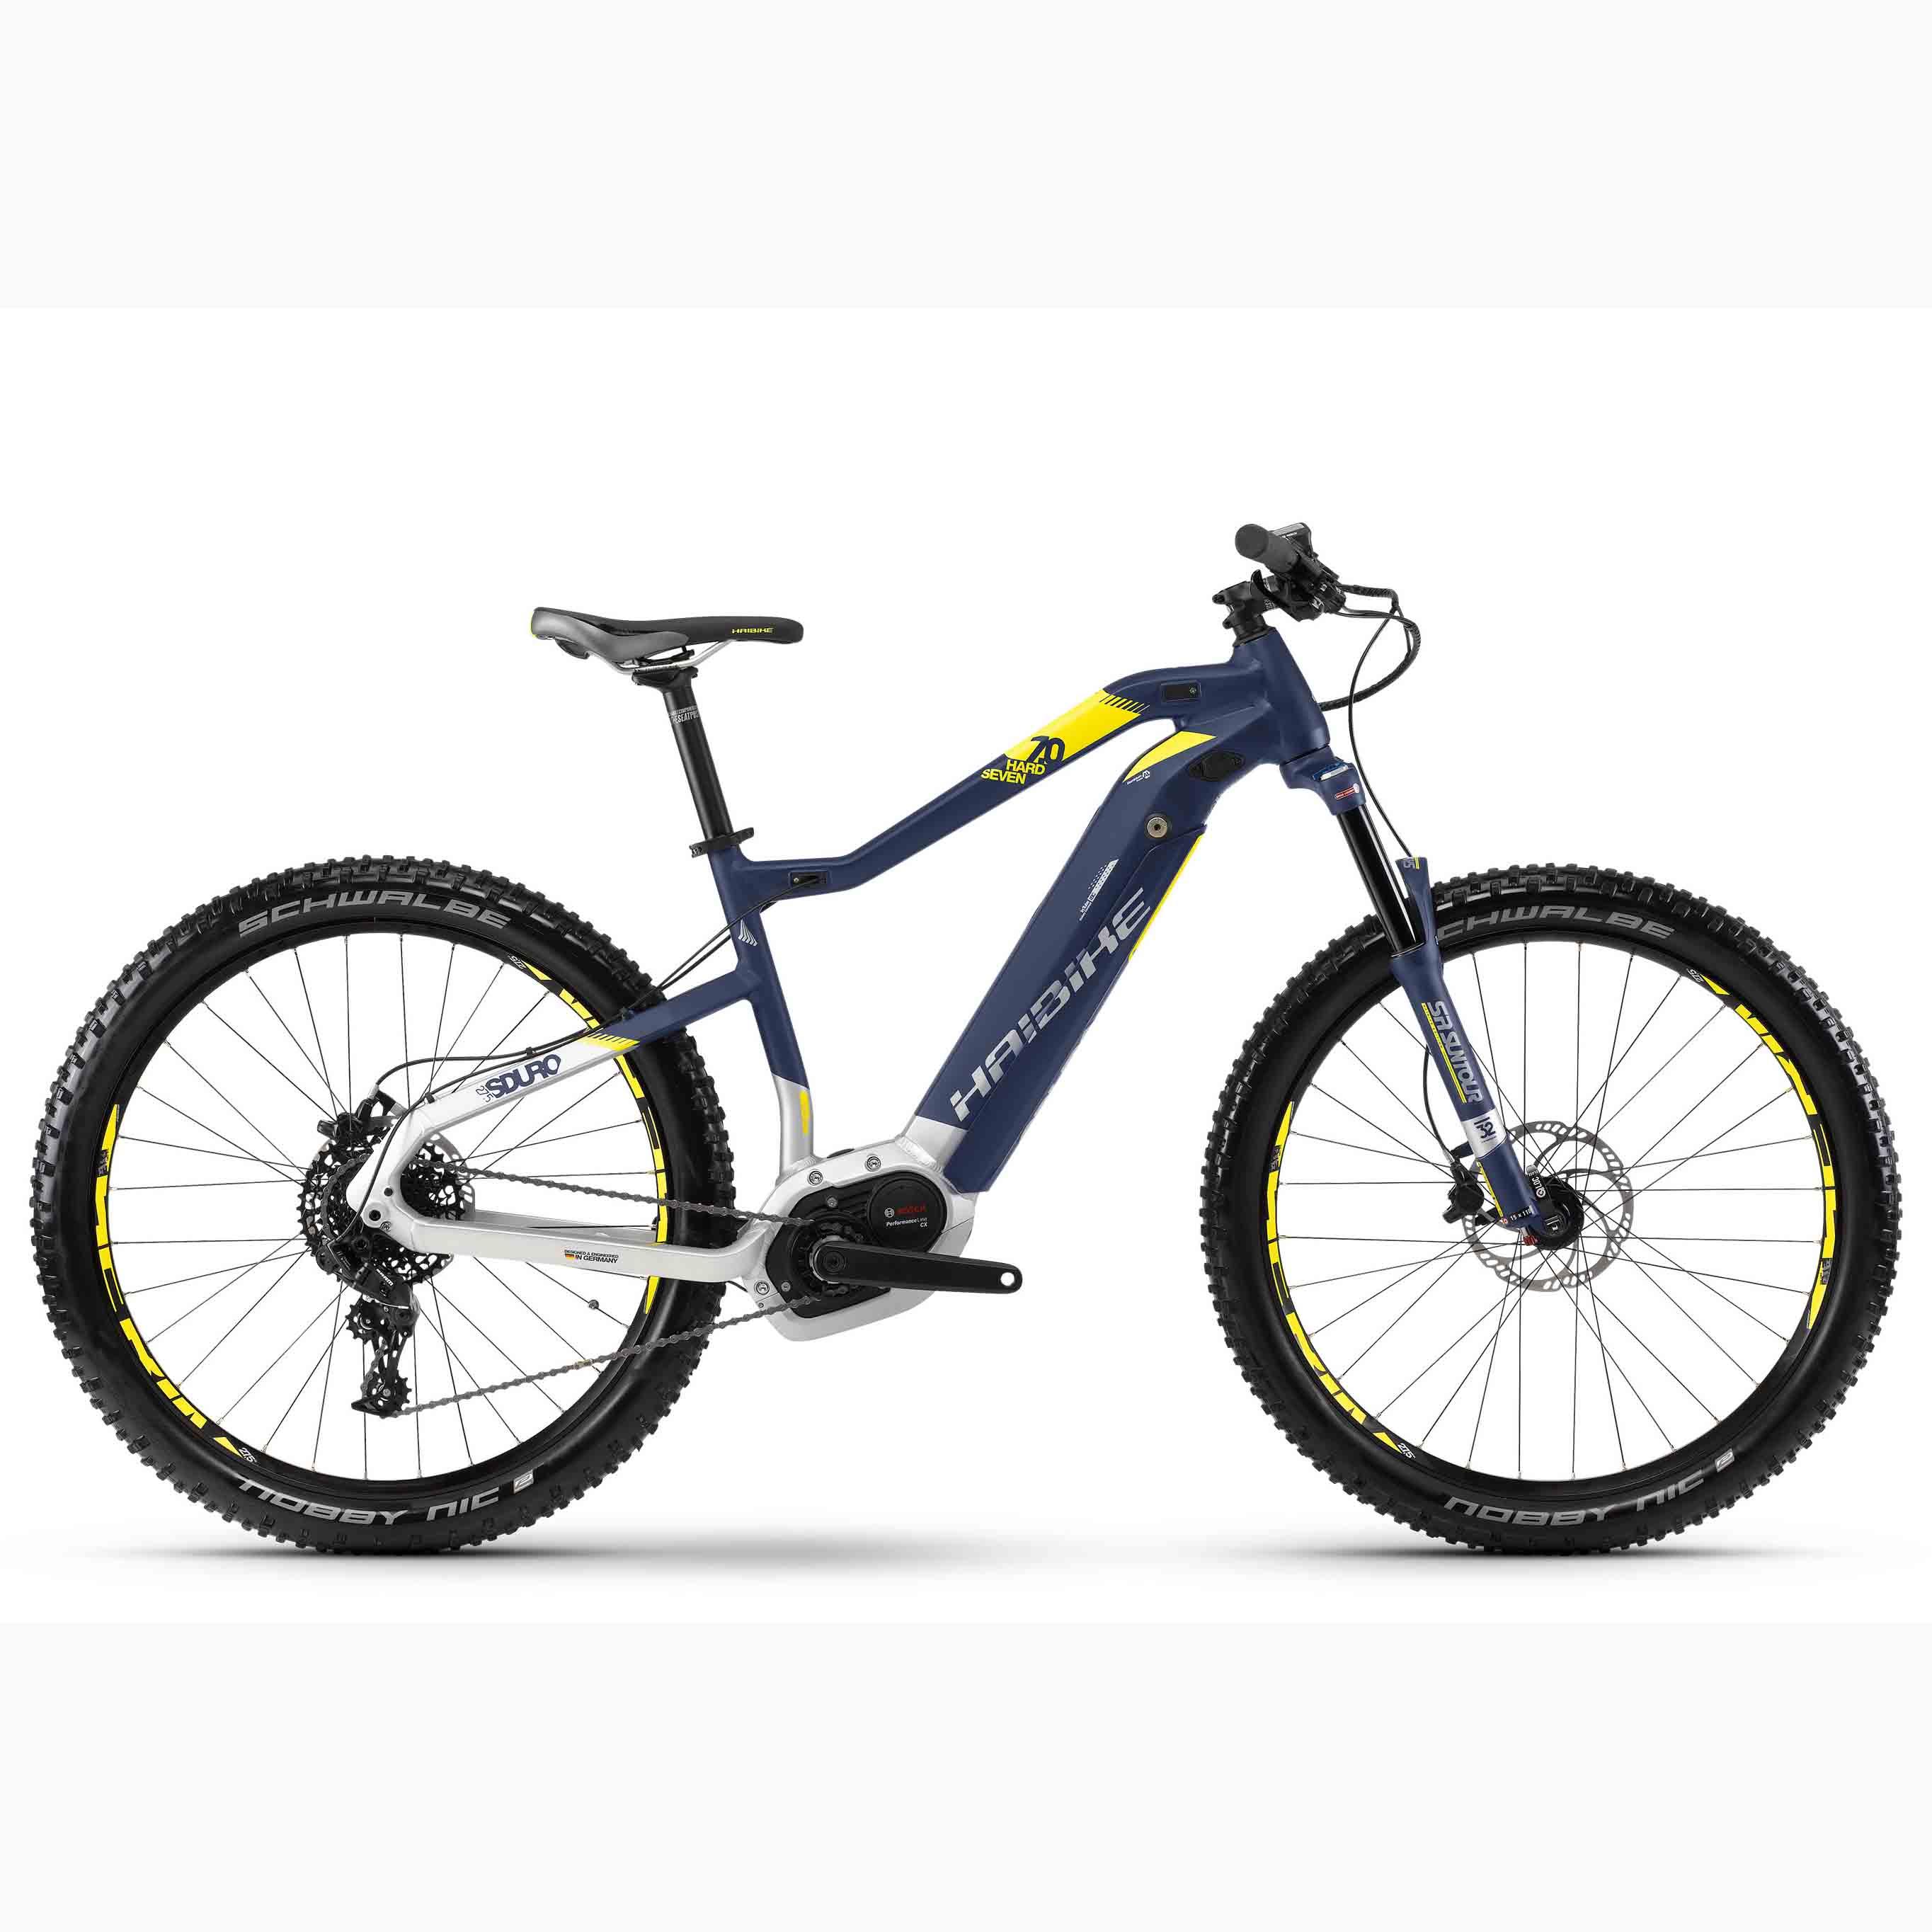 Фото Велосипед Haibike SDURO HardSeven 7.0 27,5″ 500Wh, рама 48см, 2018